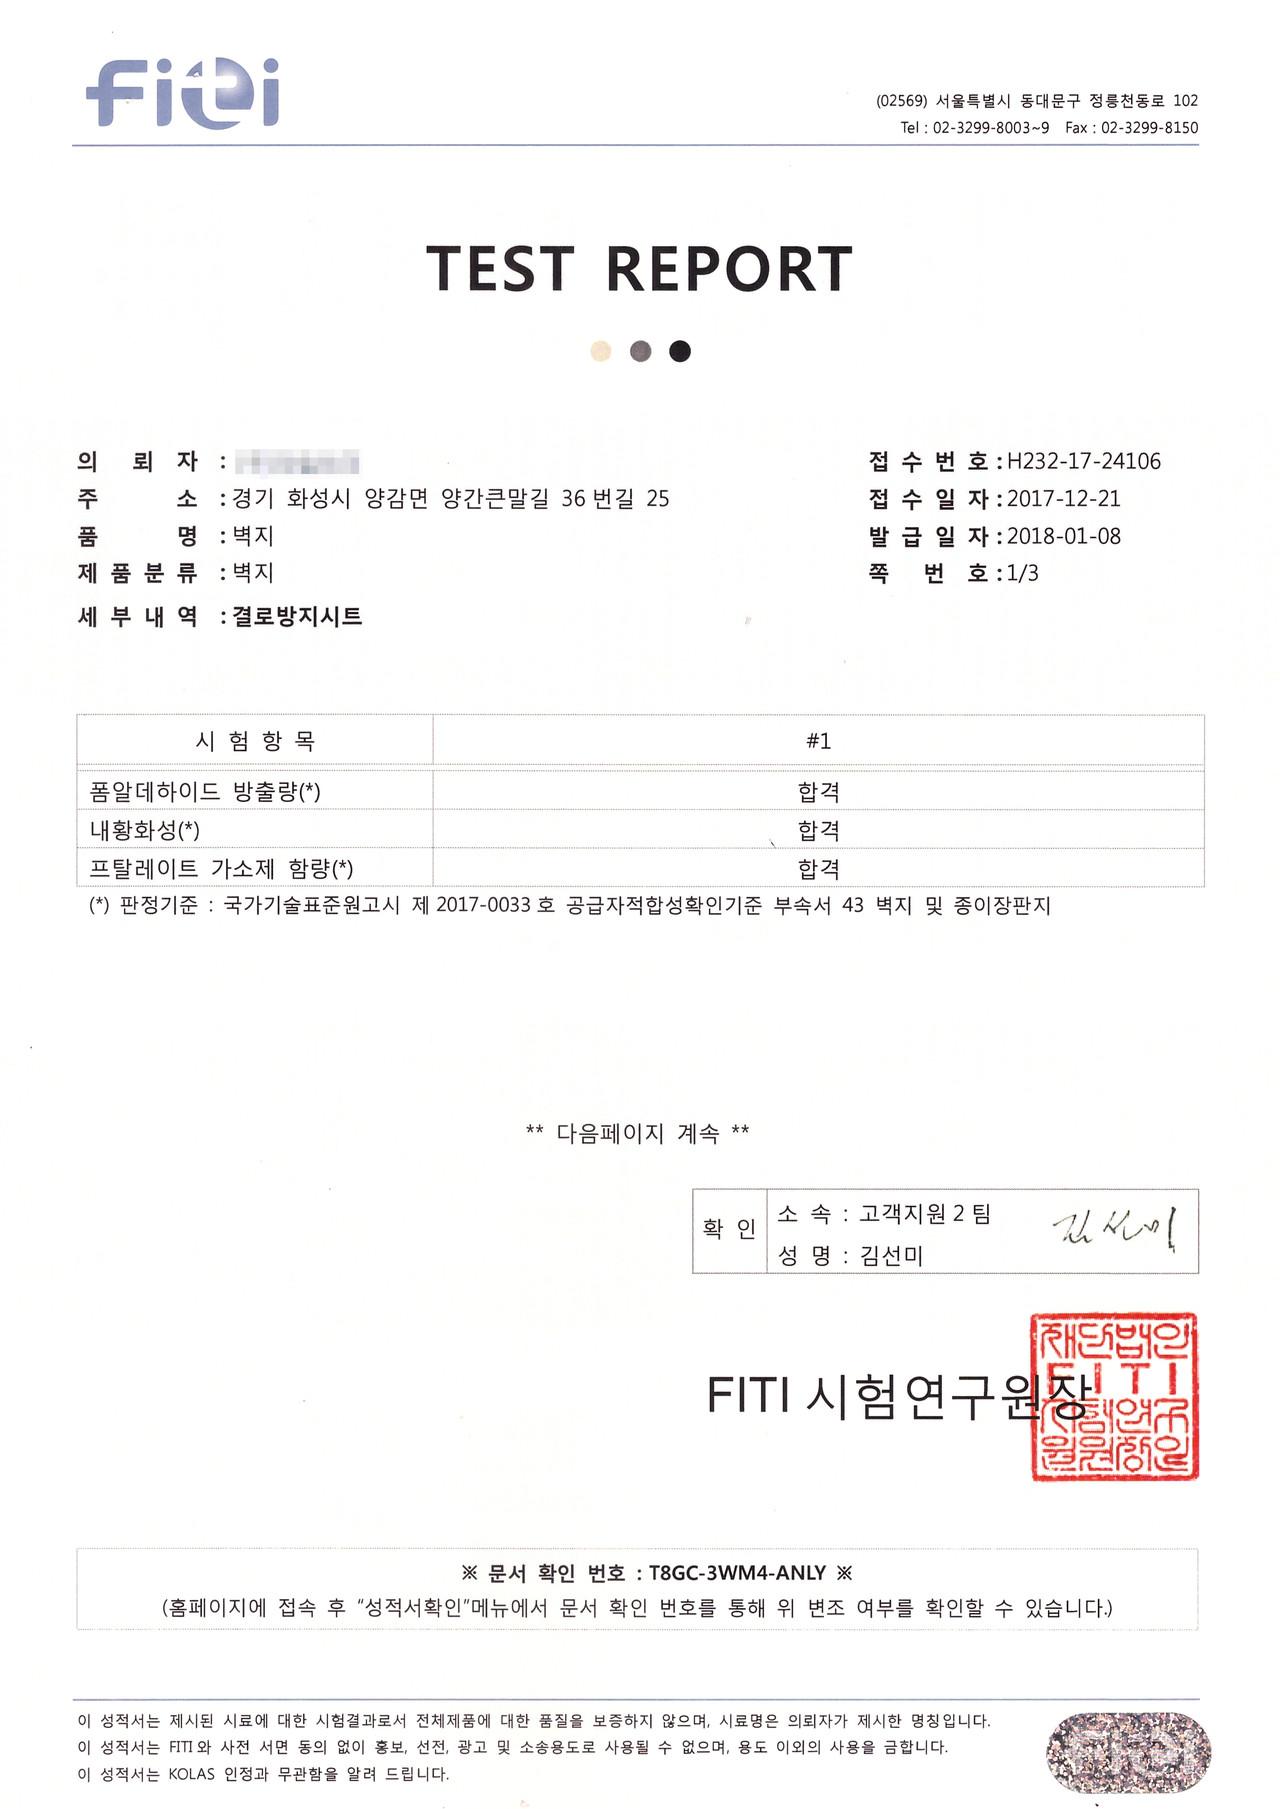 KC 인증 관련 공급자 적합성 기준 성적서